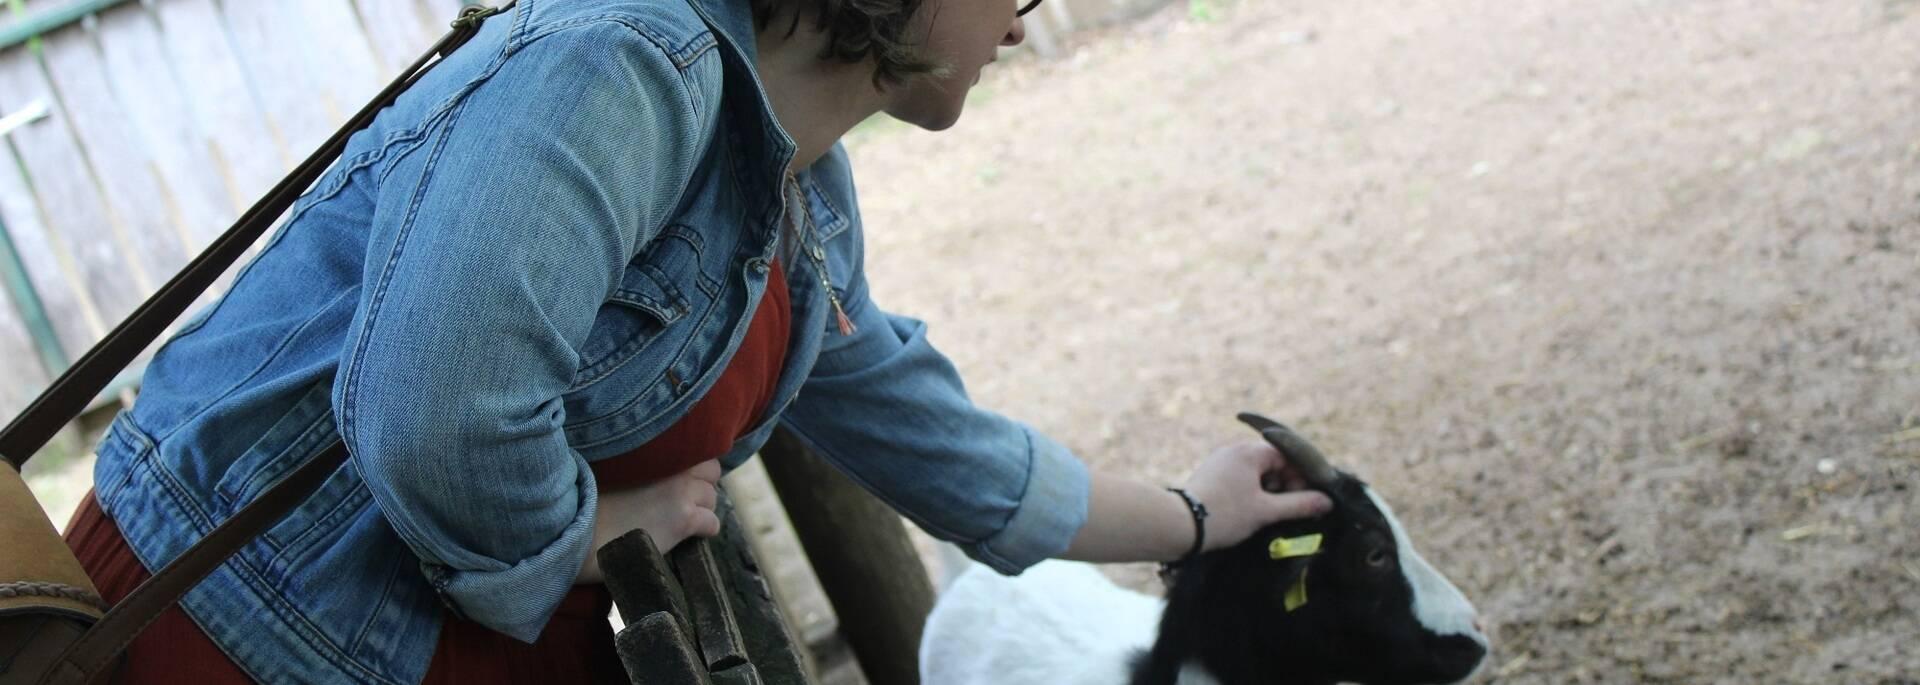 Rencontre avec les biquettes au Zoodyssée - ©P.Migaud /FDHPA17